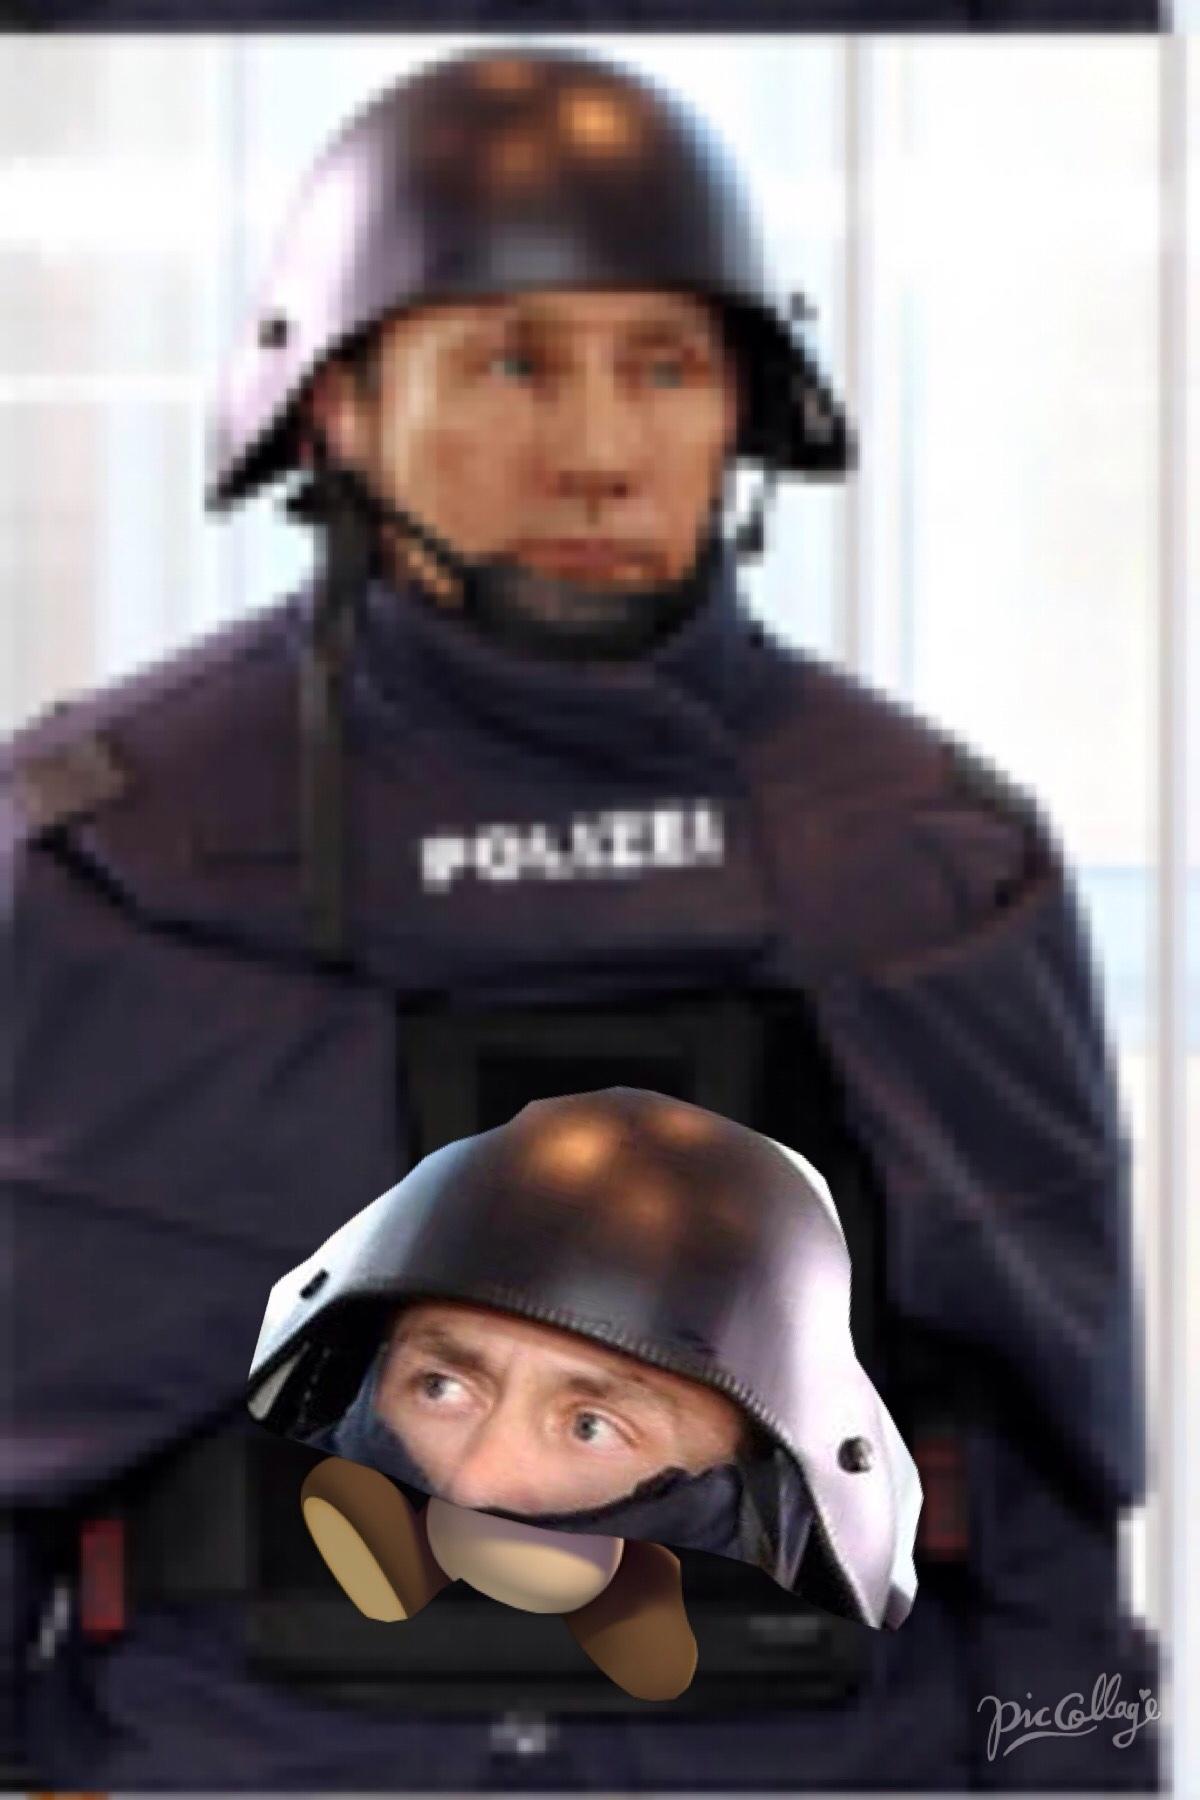 novo uniforme policial russo - meme